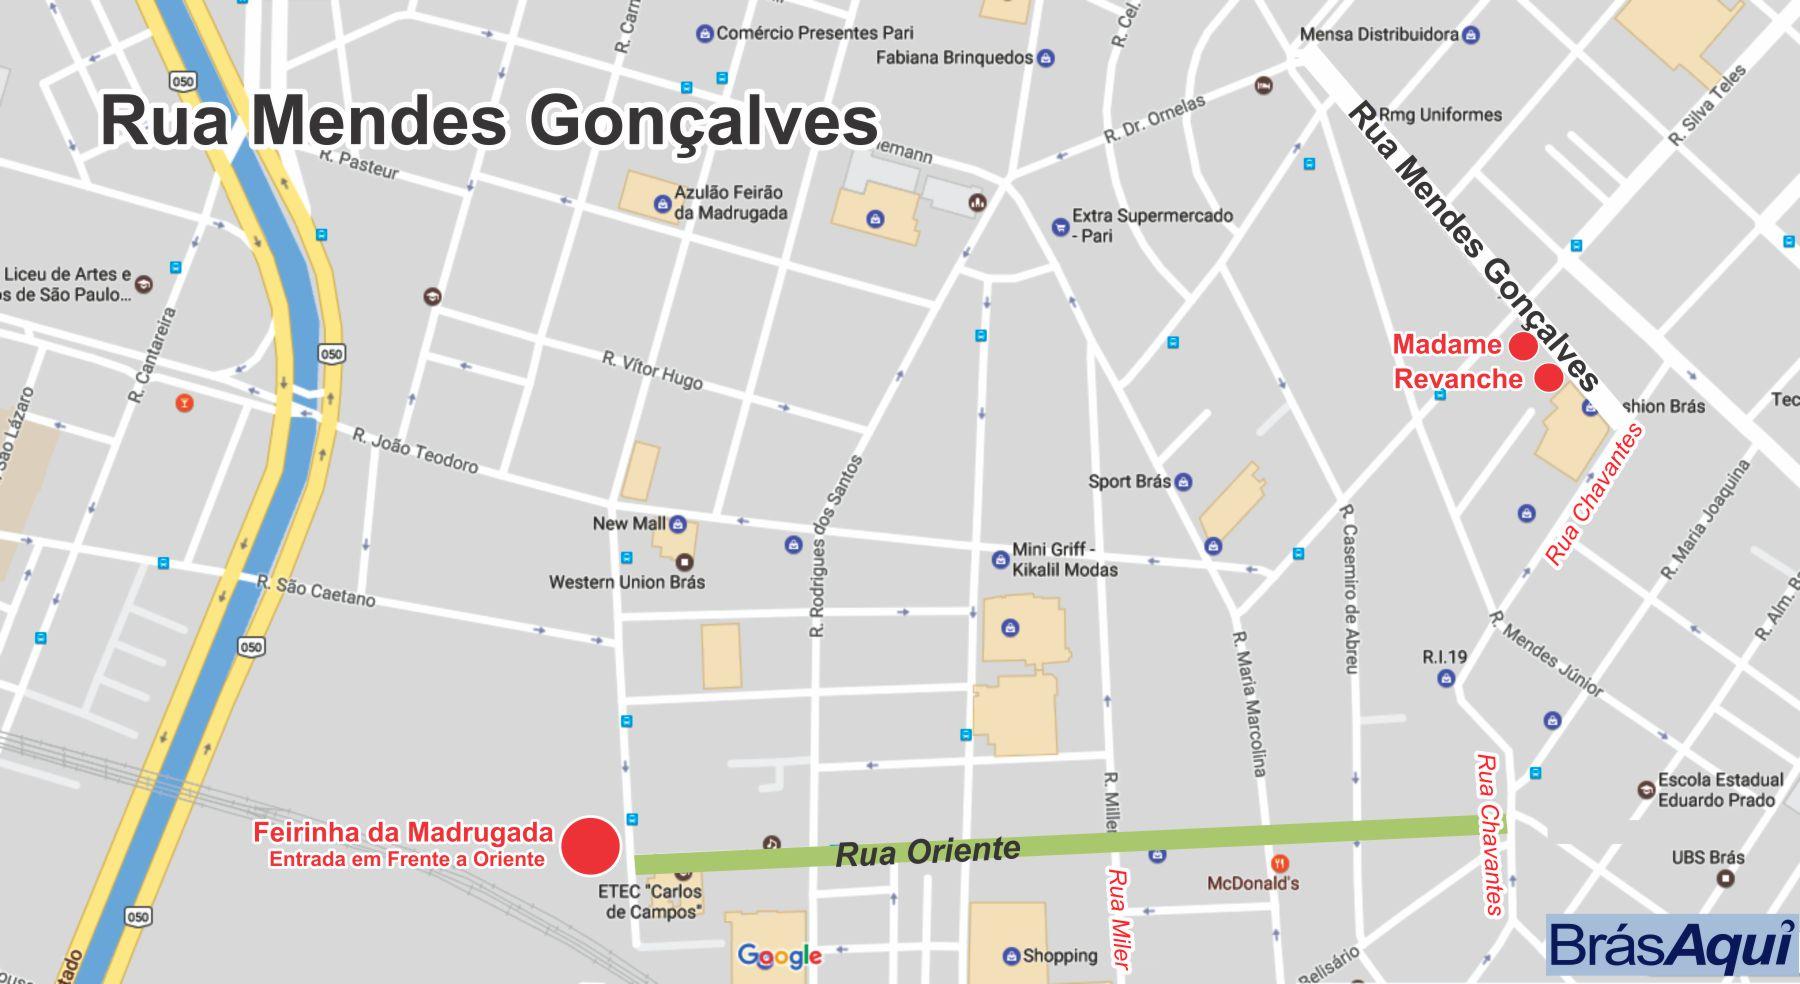 Localize a Mendes Gonçalves em relação a feirinha da madrugada